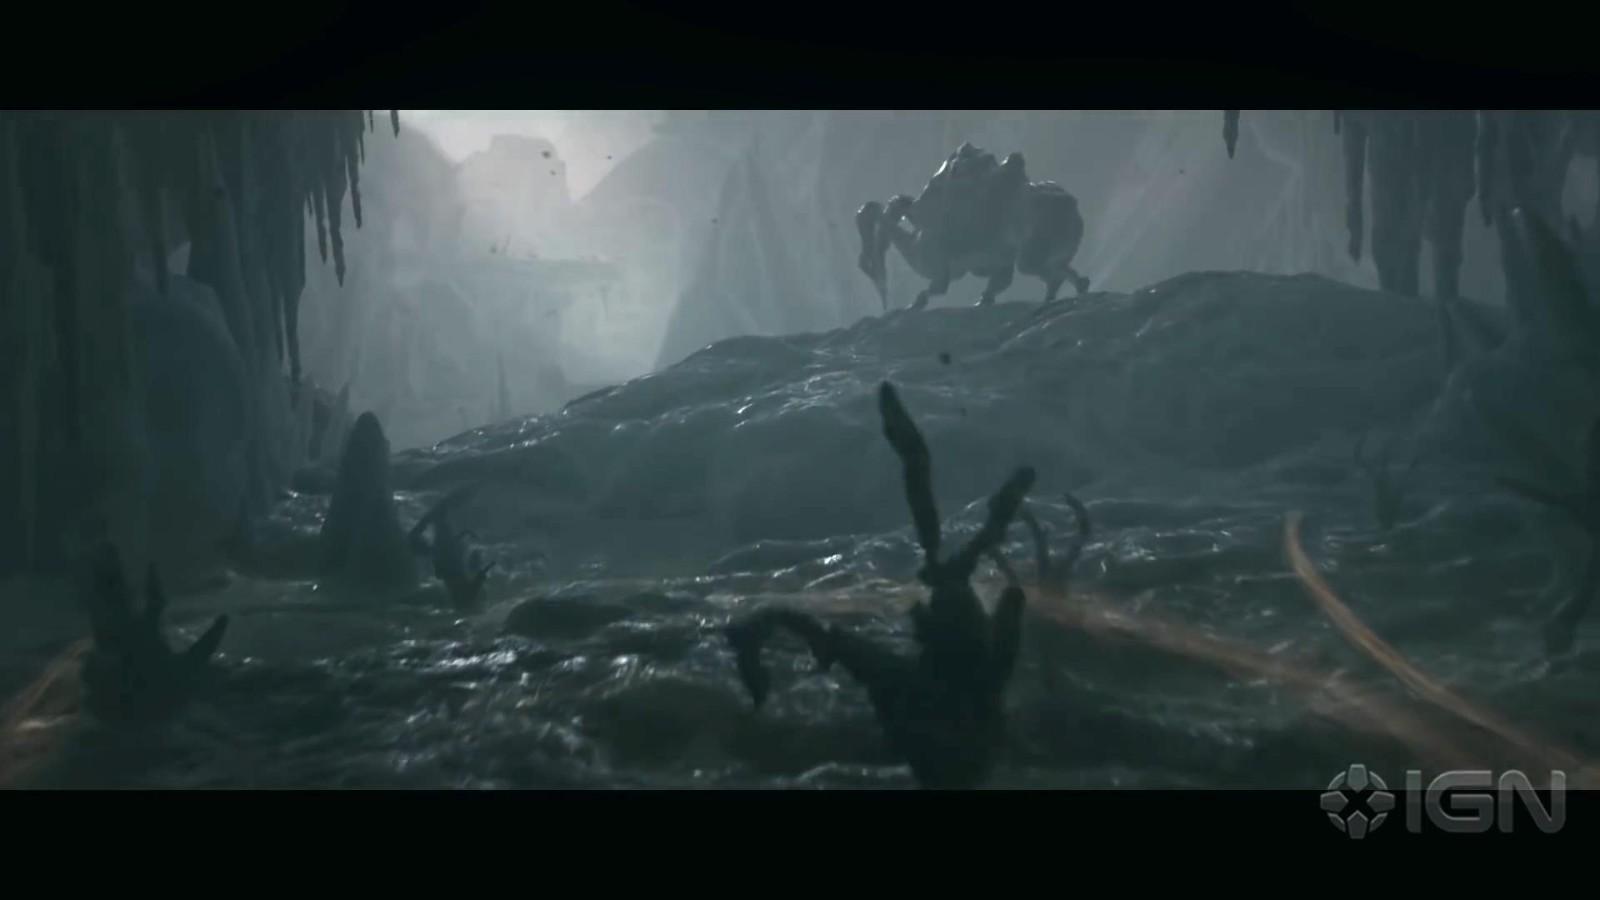 类魂动作冒险RPG《尘埃异变》新预告 大战群怪  第1张